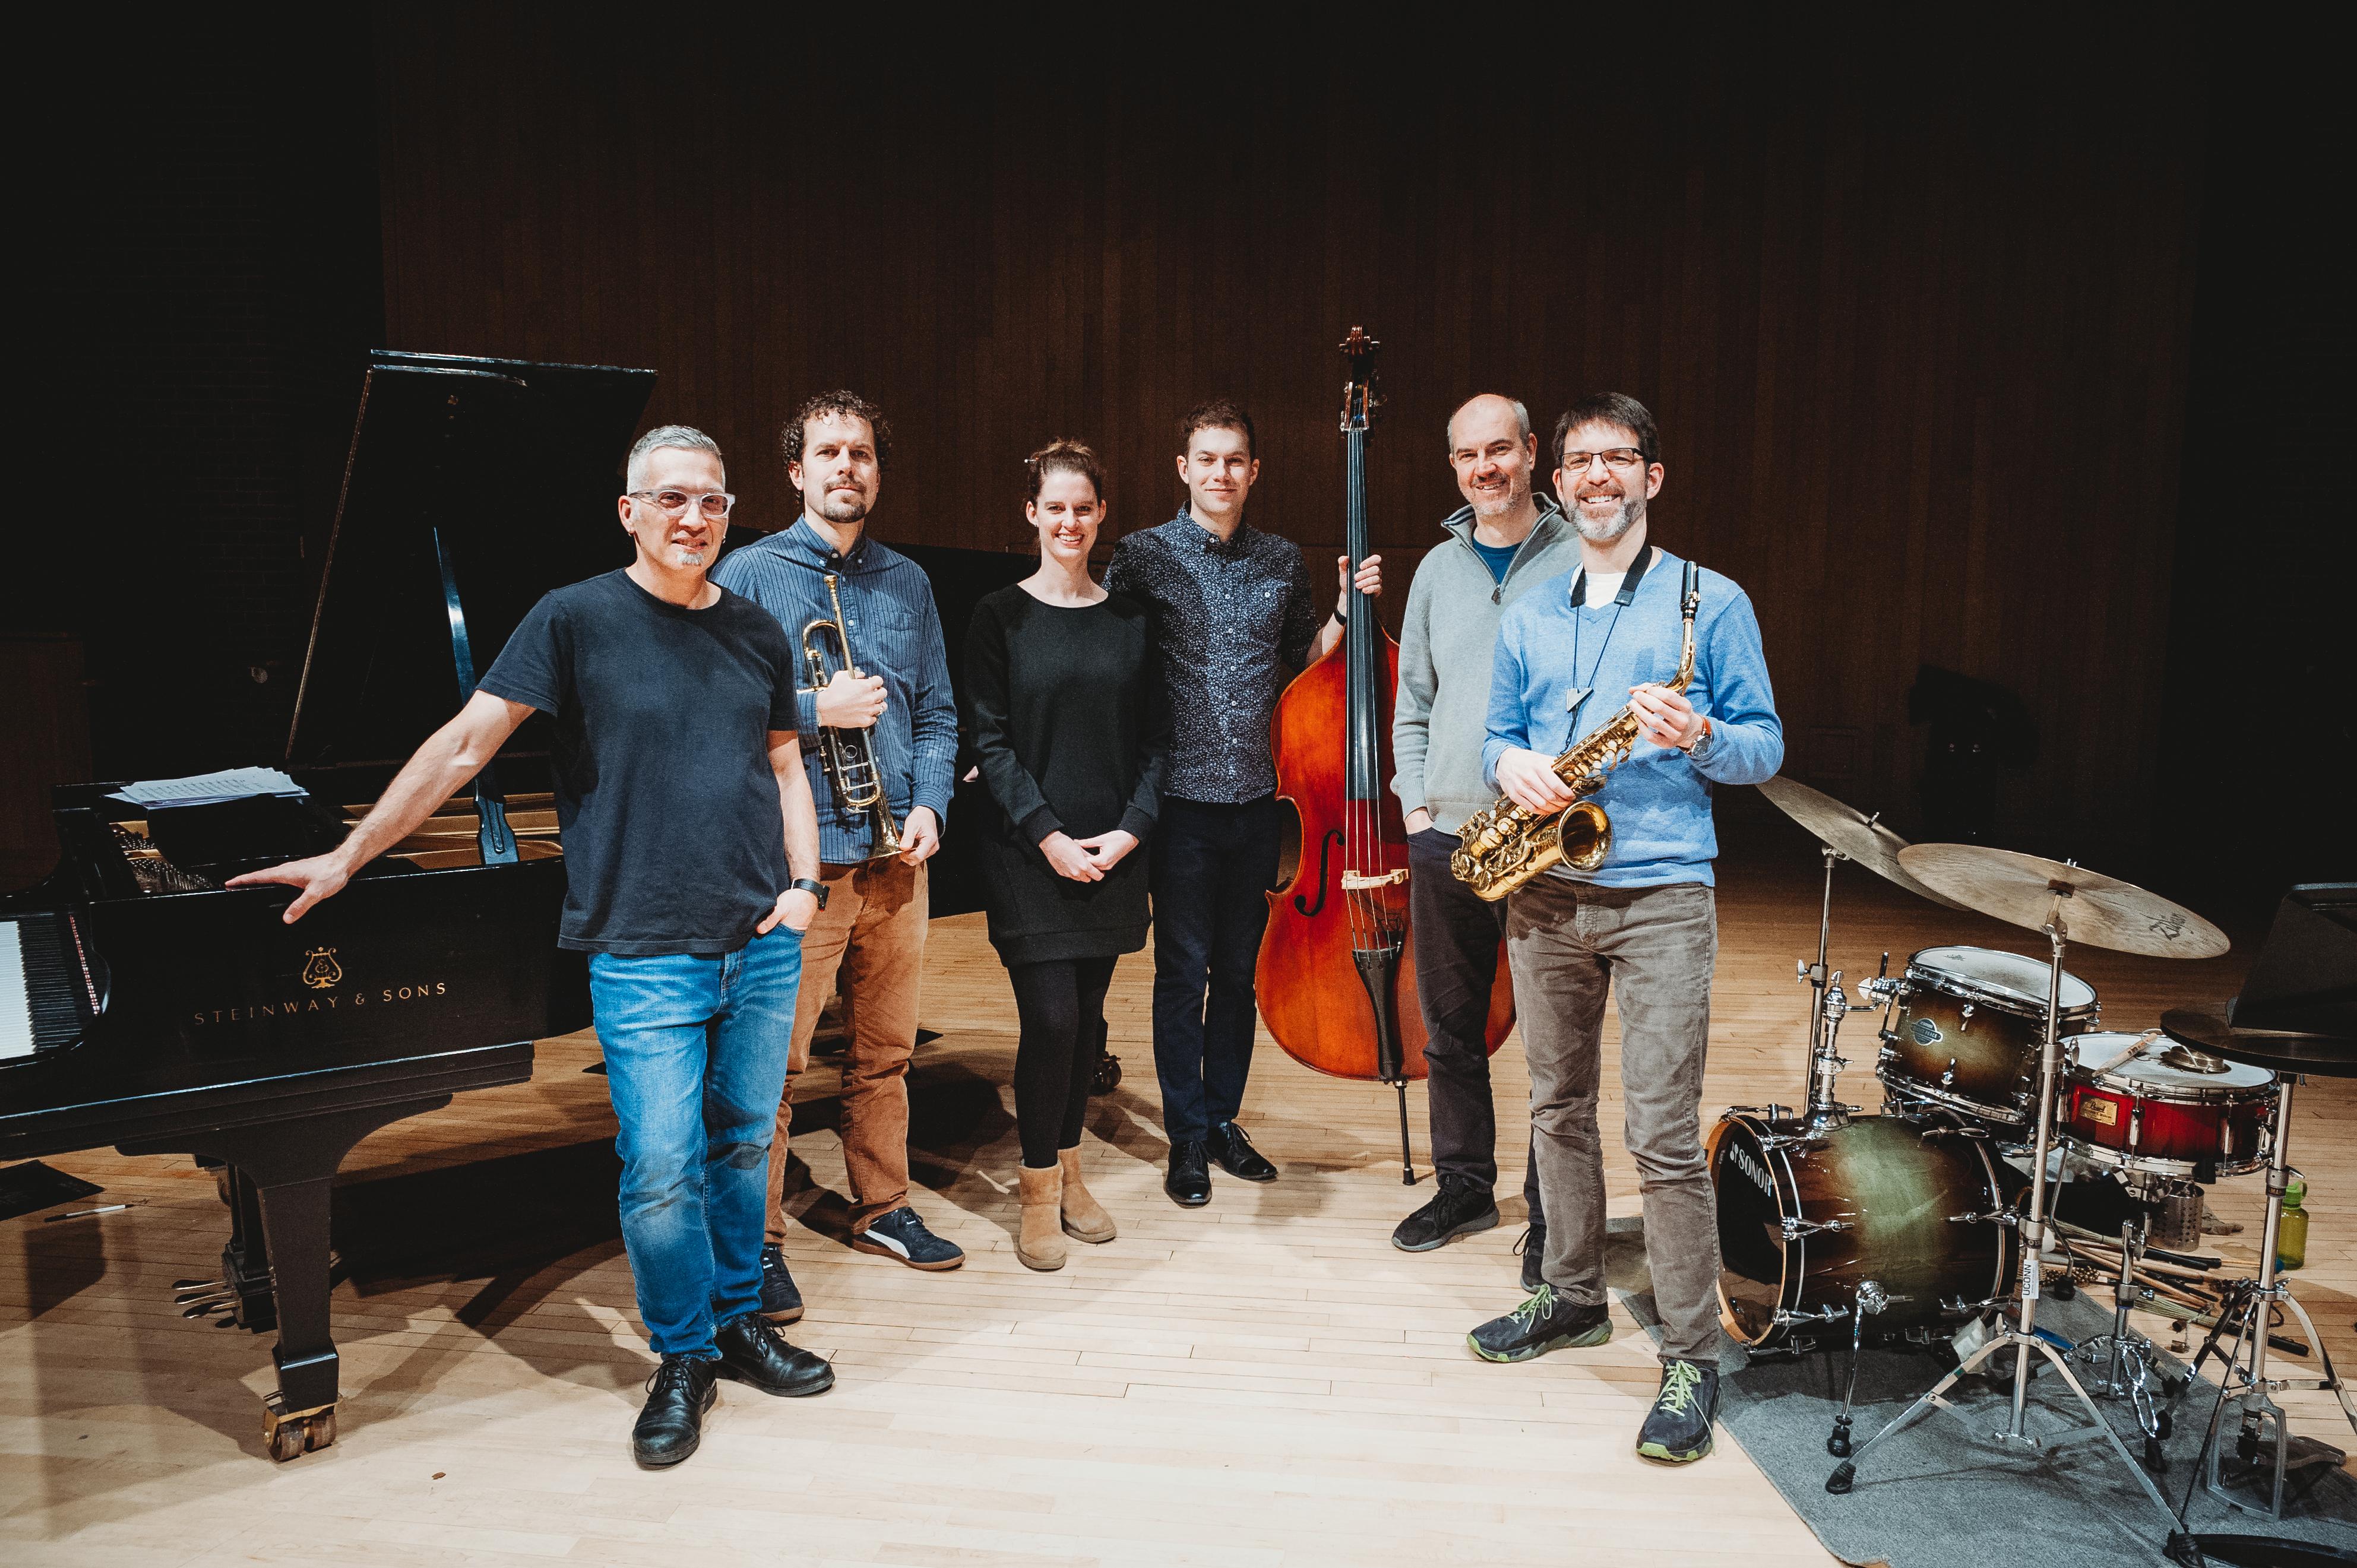 Earl MacDonald Ensemble - group photo